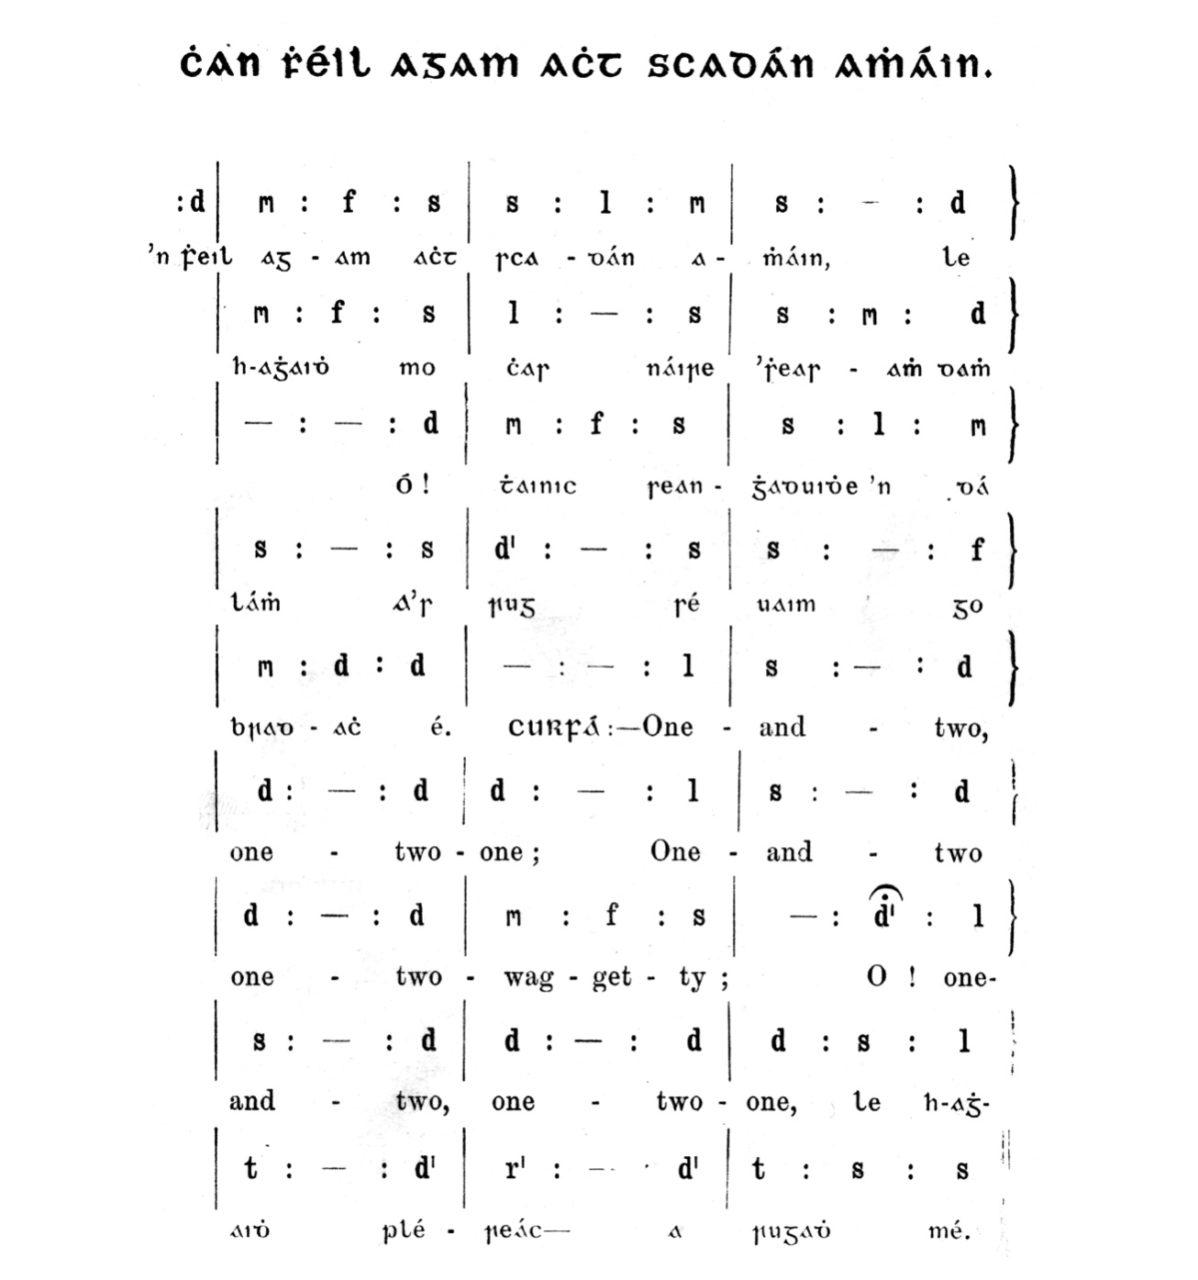 Ċan Ḟéil Agam Aċht Scadán Aṁain